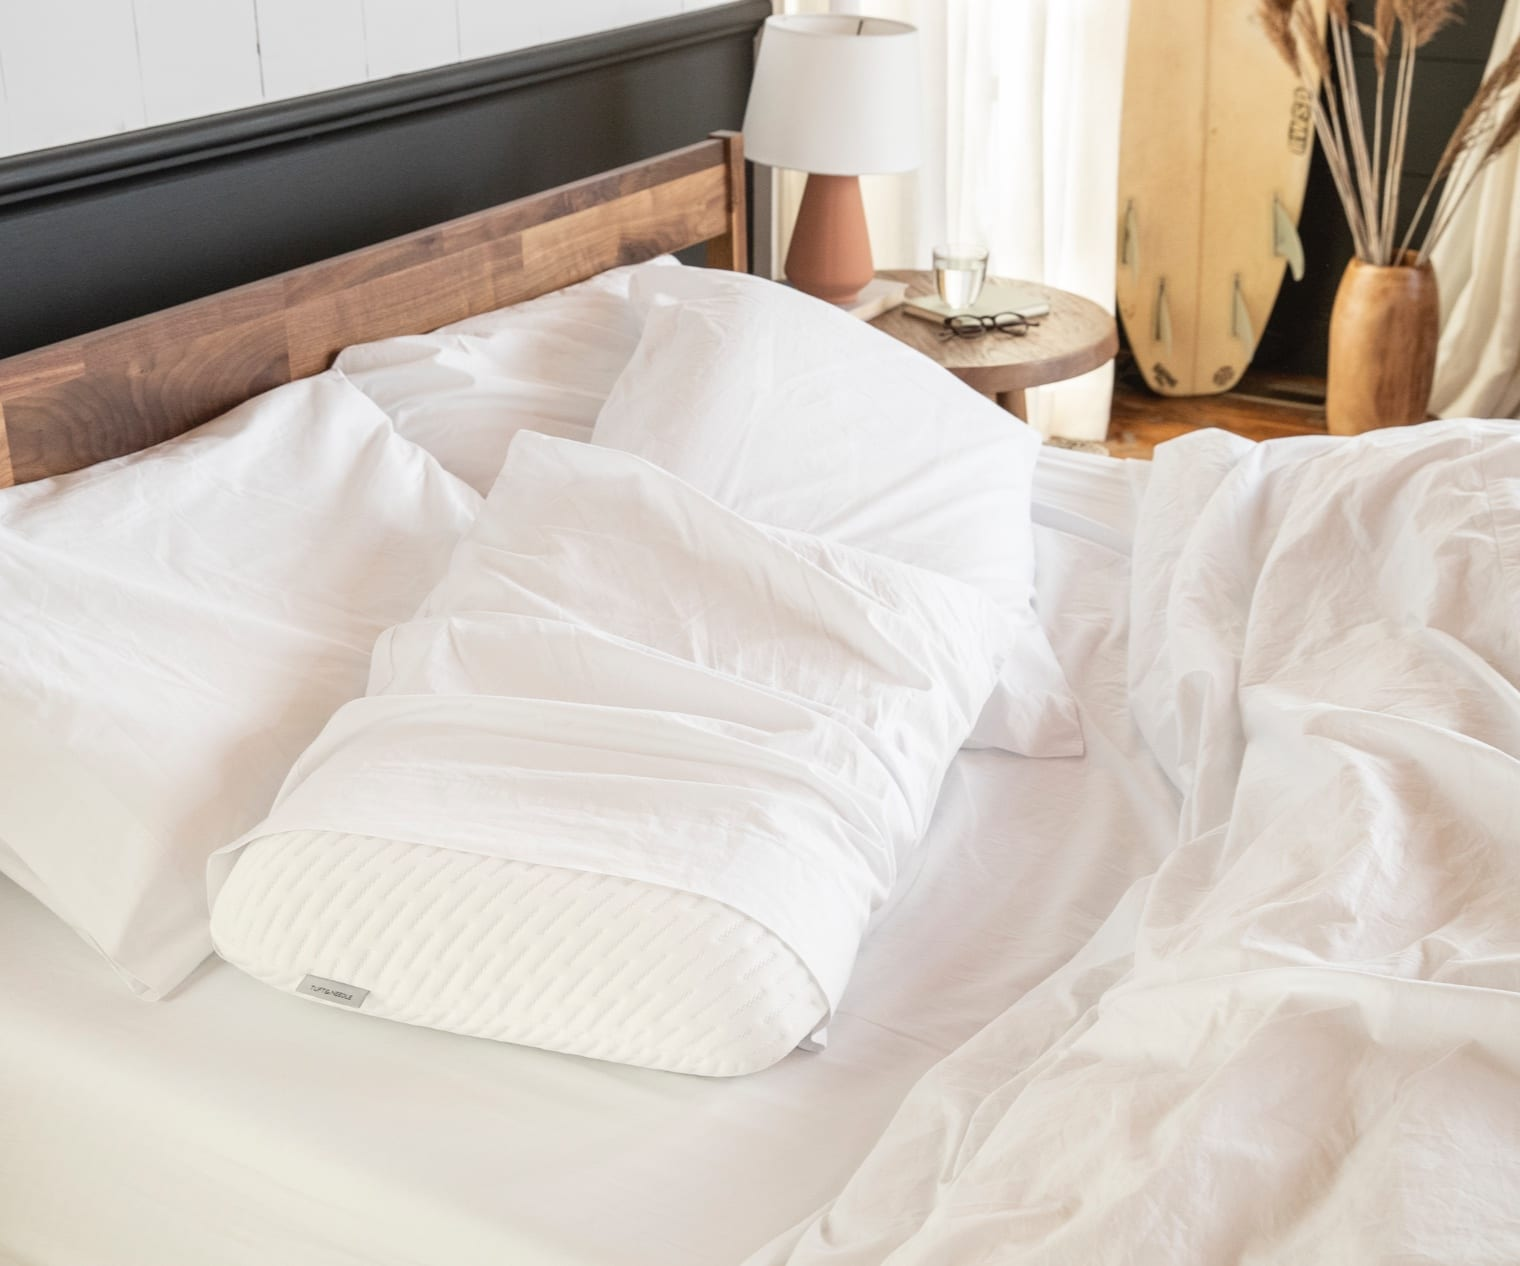 pillow-comfort@2x-d44e2036.jpg